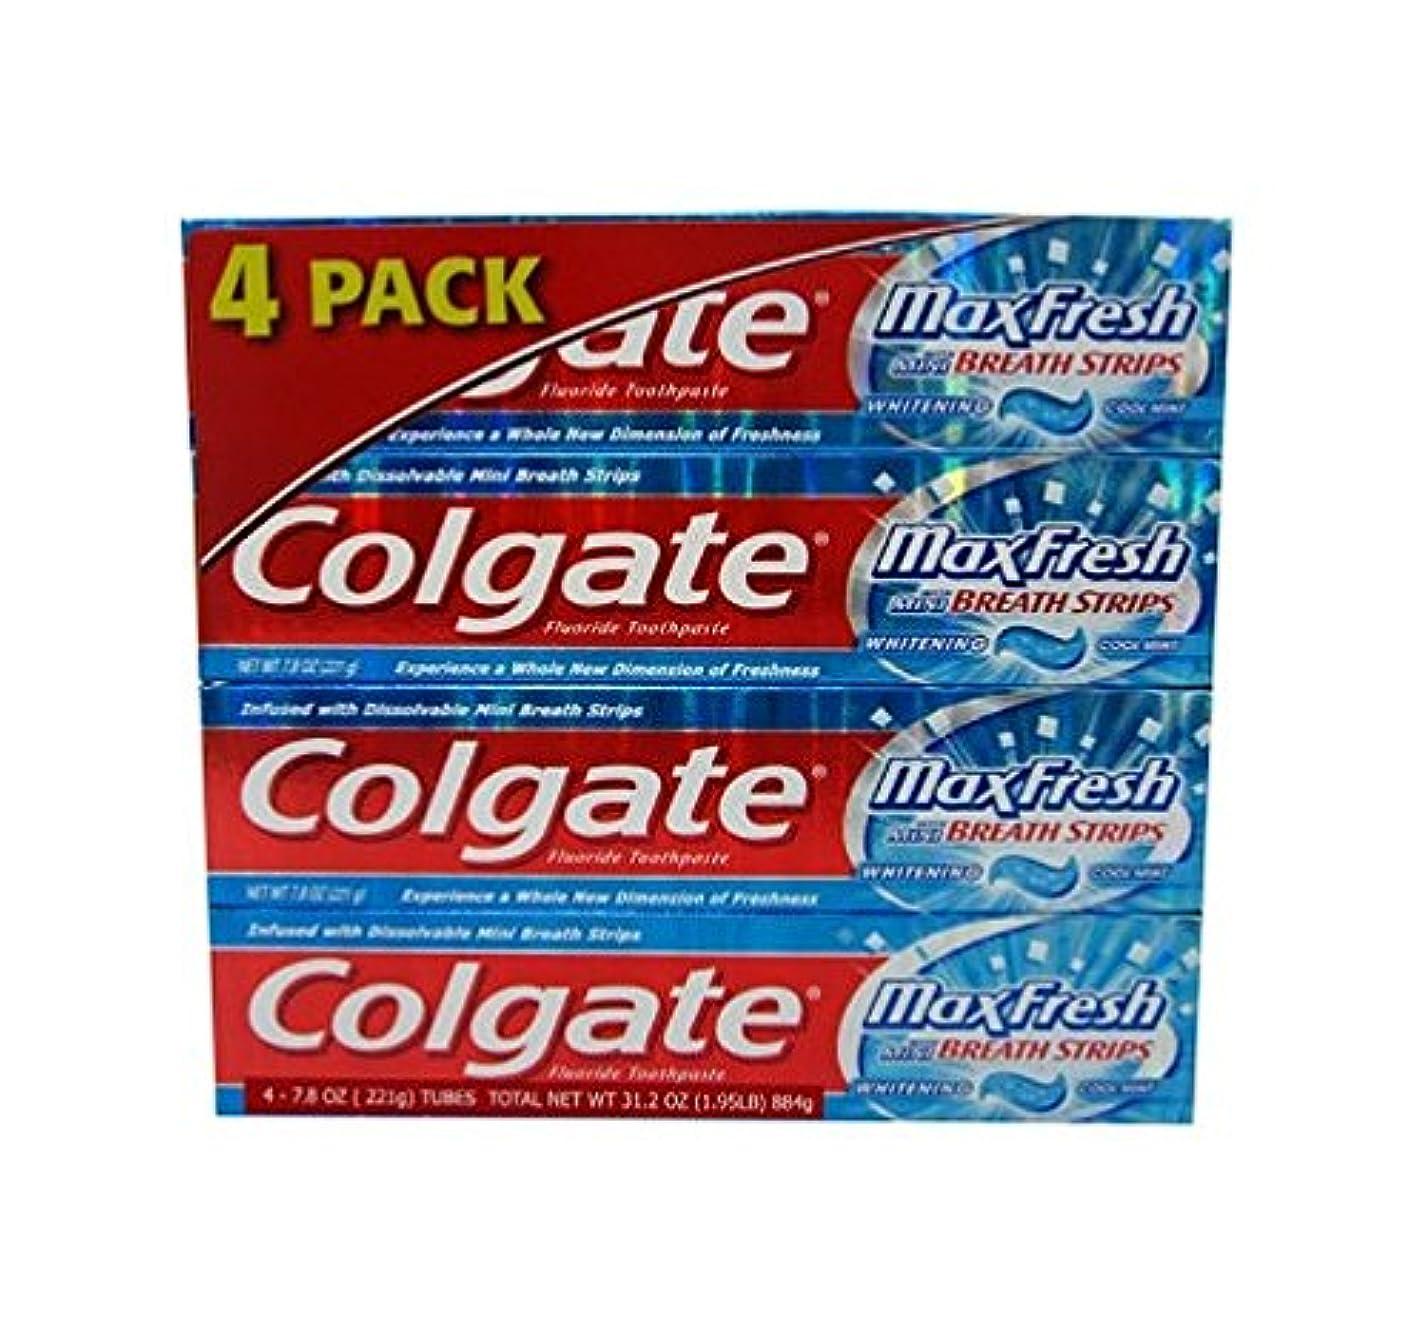 脈拍ブラウス毒液Colgate コルゲートMaxFresh 歯磨き粉Cool Mint 221g x 4個パック